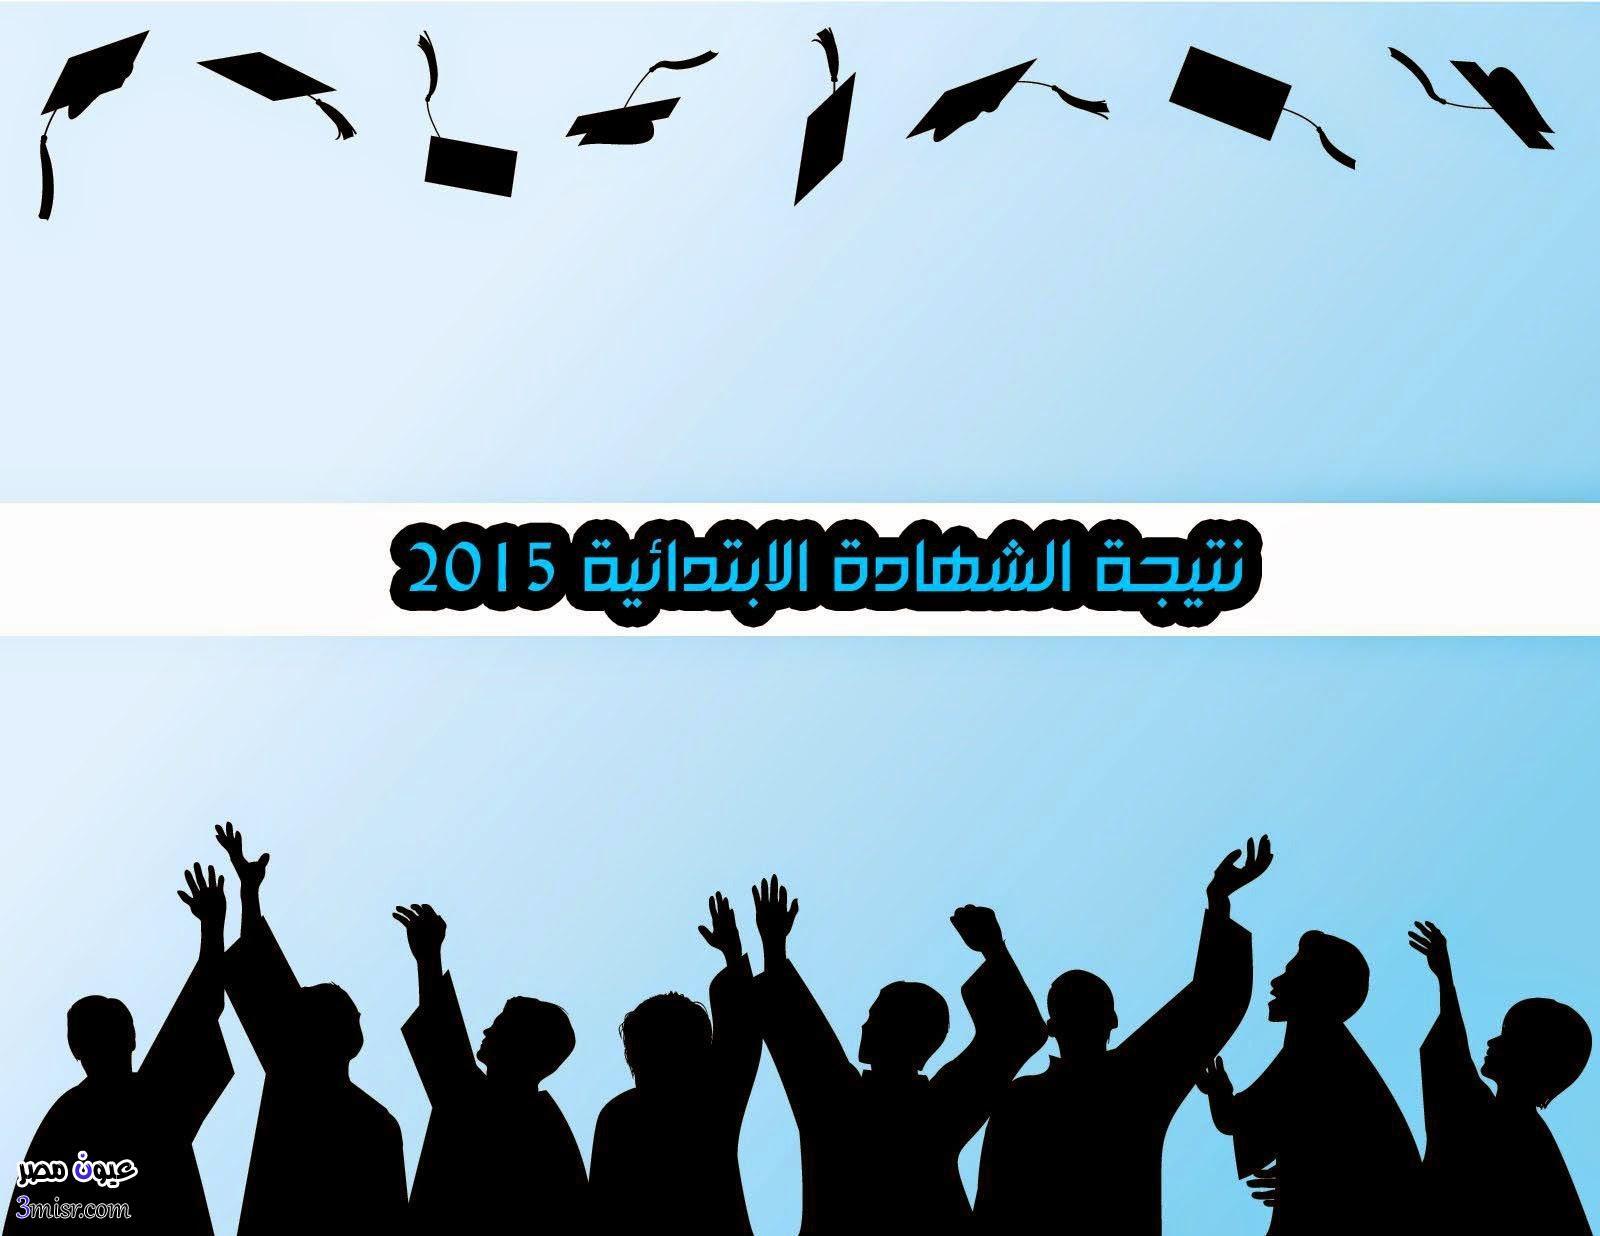 اليوم السابع نتيجة الشهادة الابتدائية 2015 الصف السادس الإبتدائي الترم الأول وزارة التربية والتعليم